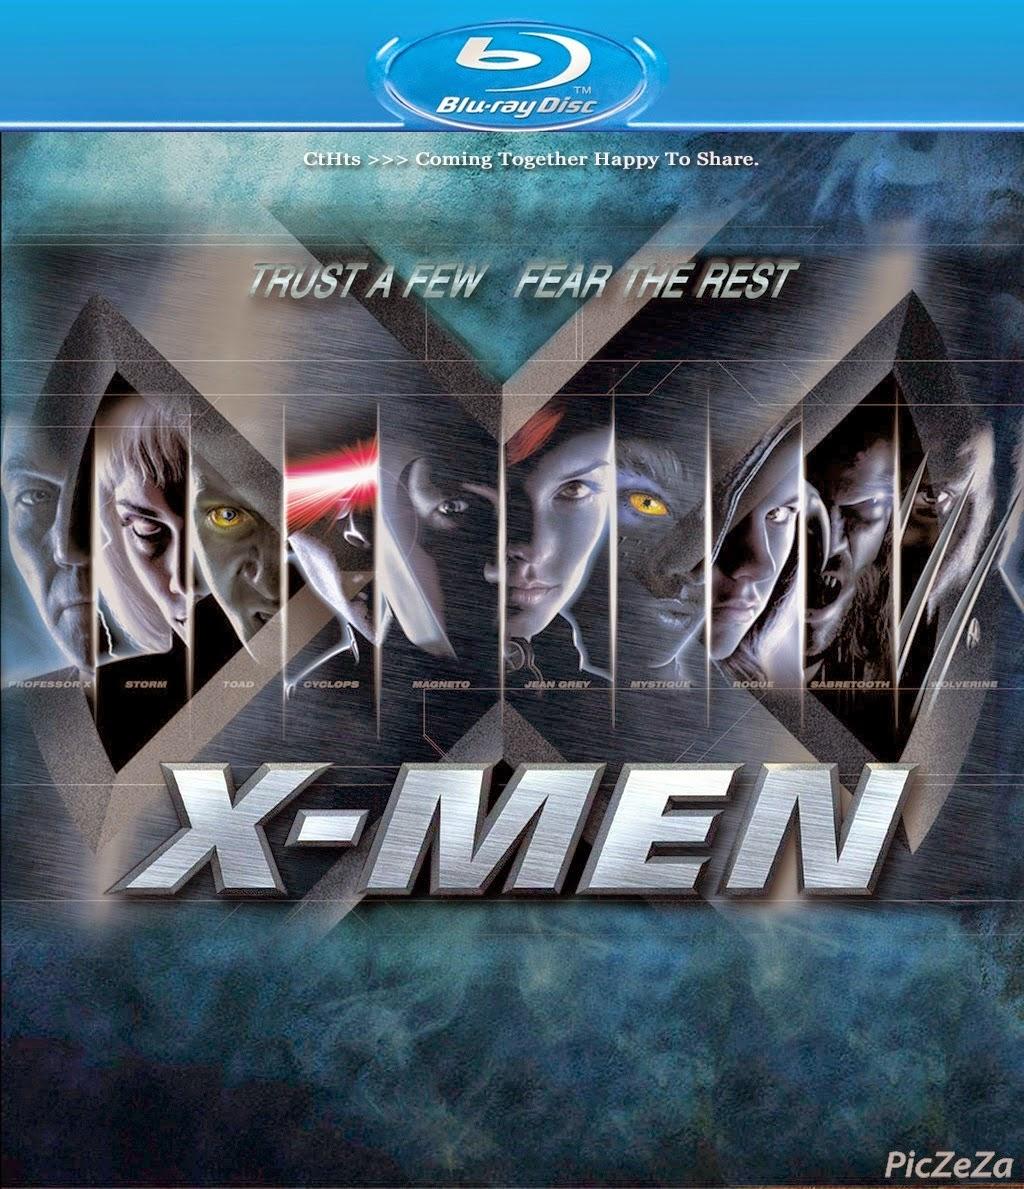 X-Men 2000 : ศึกมนุษย์พลังเหนือโลก